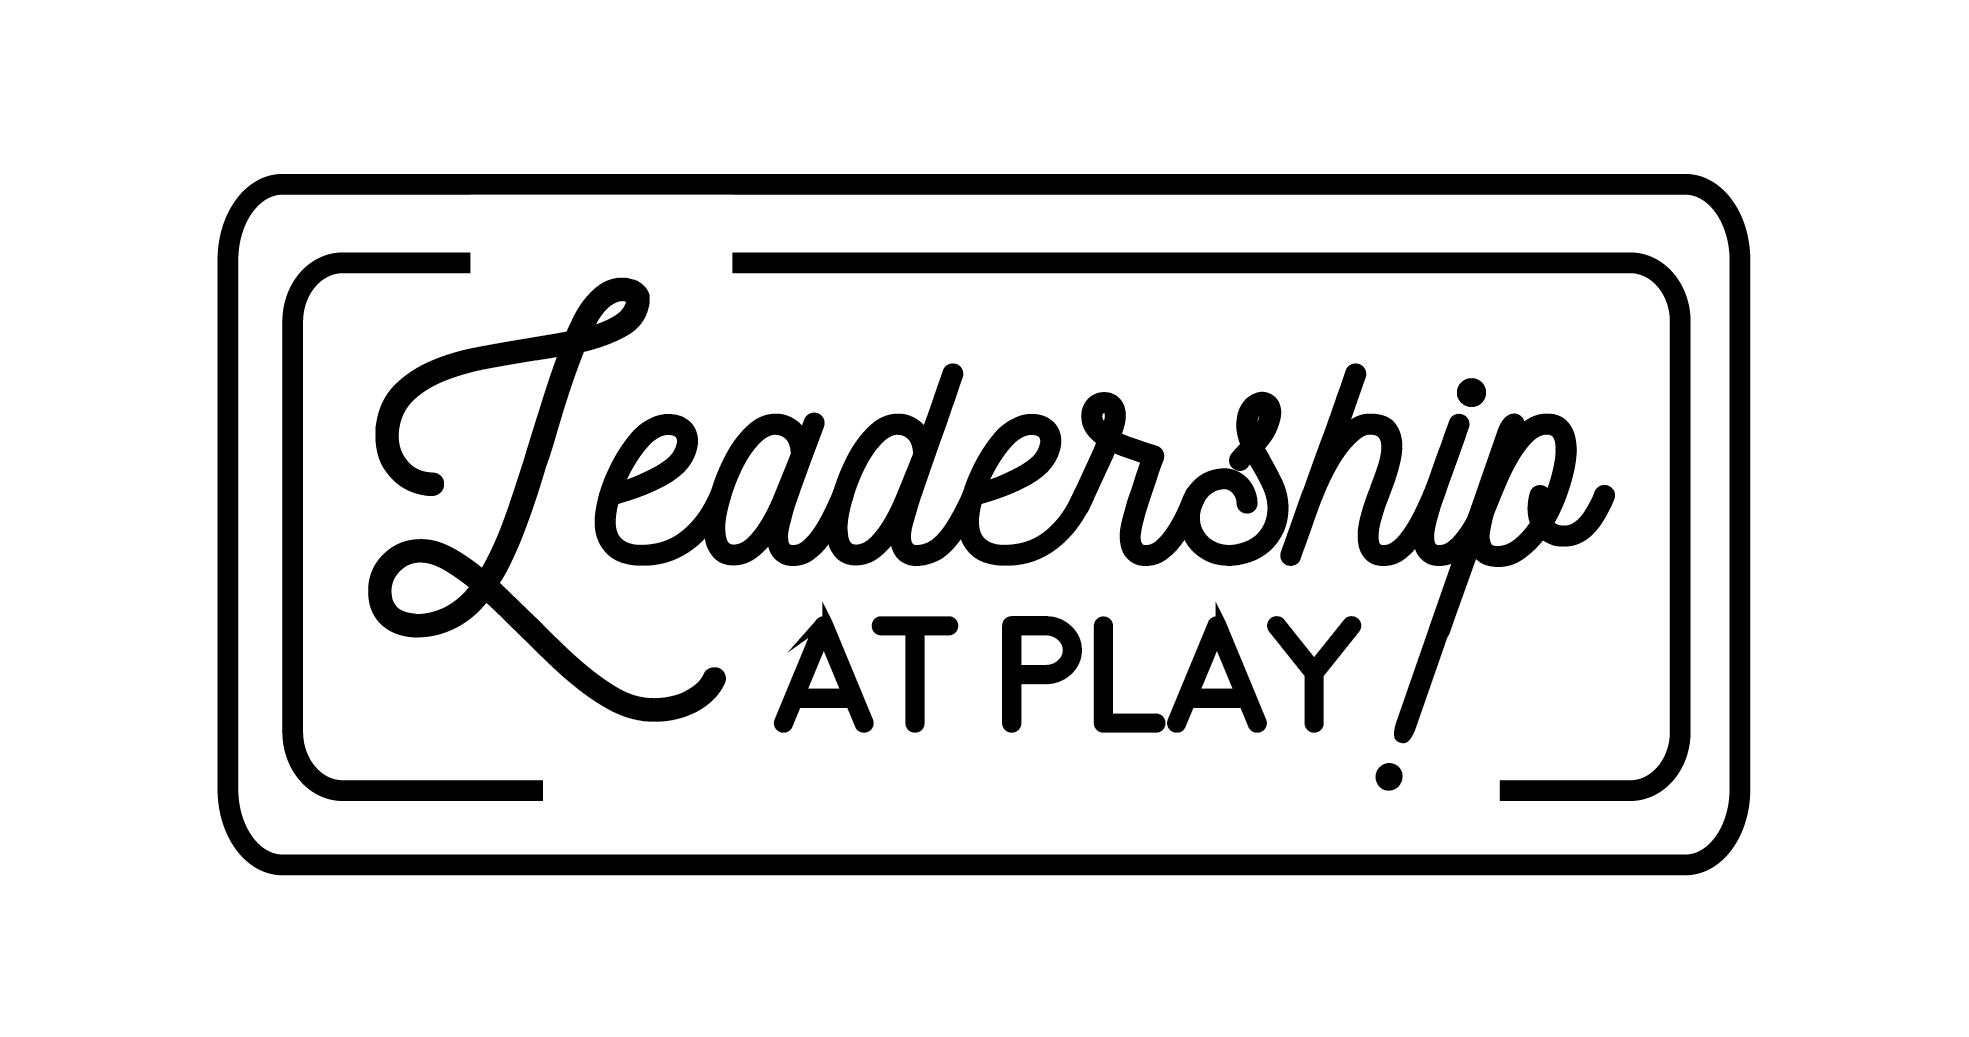 LeadershipATplay_hipster 1.png